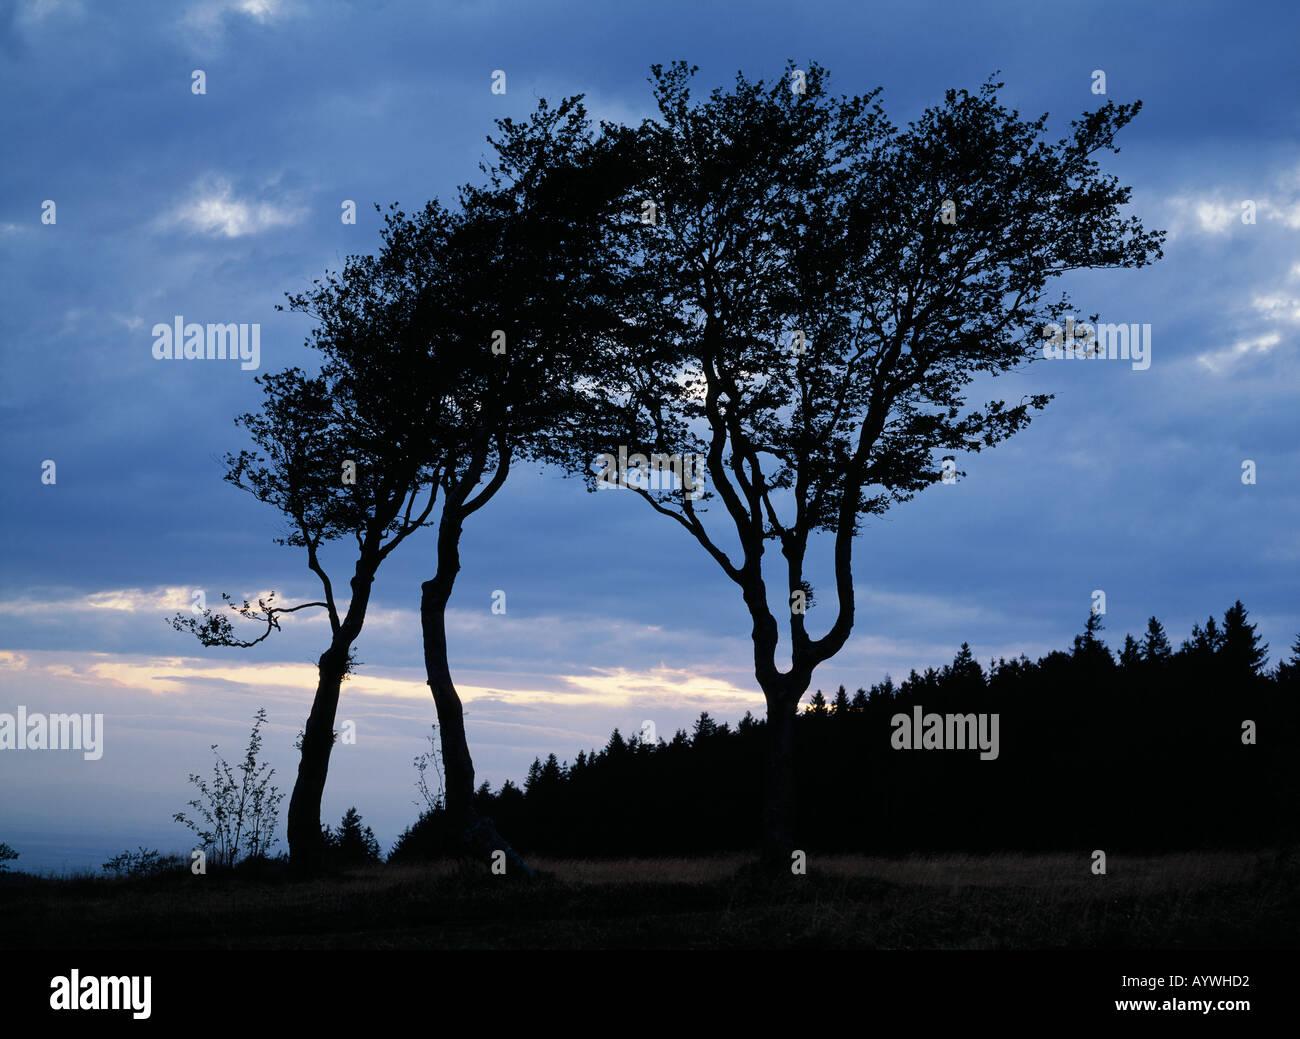 Auf dem Abendstimmung Abenddaemmerung, Schauinsland, im Wetterbuchen Gegenlicht als silueta, Freiburg Breisgau, Foto de stock